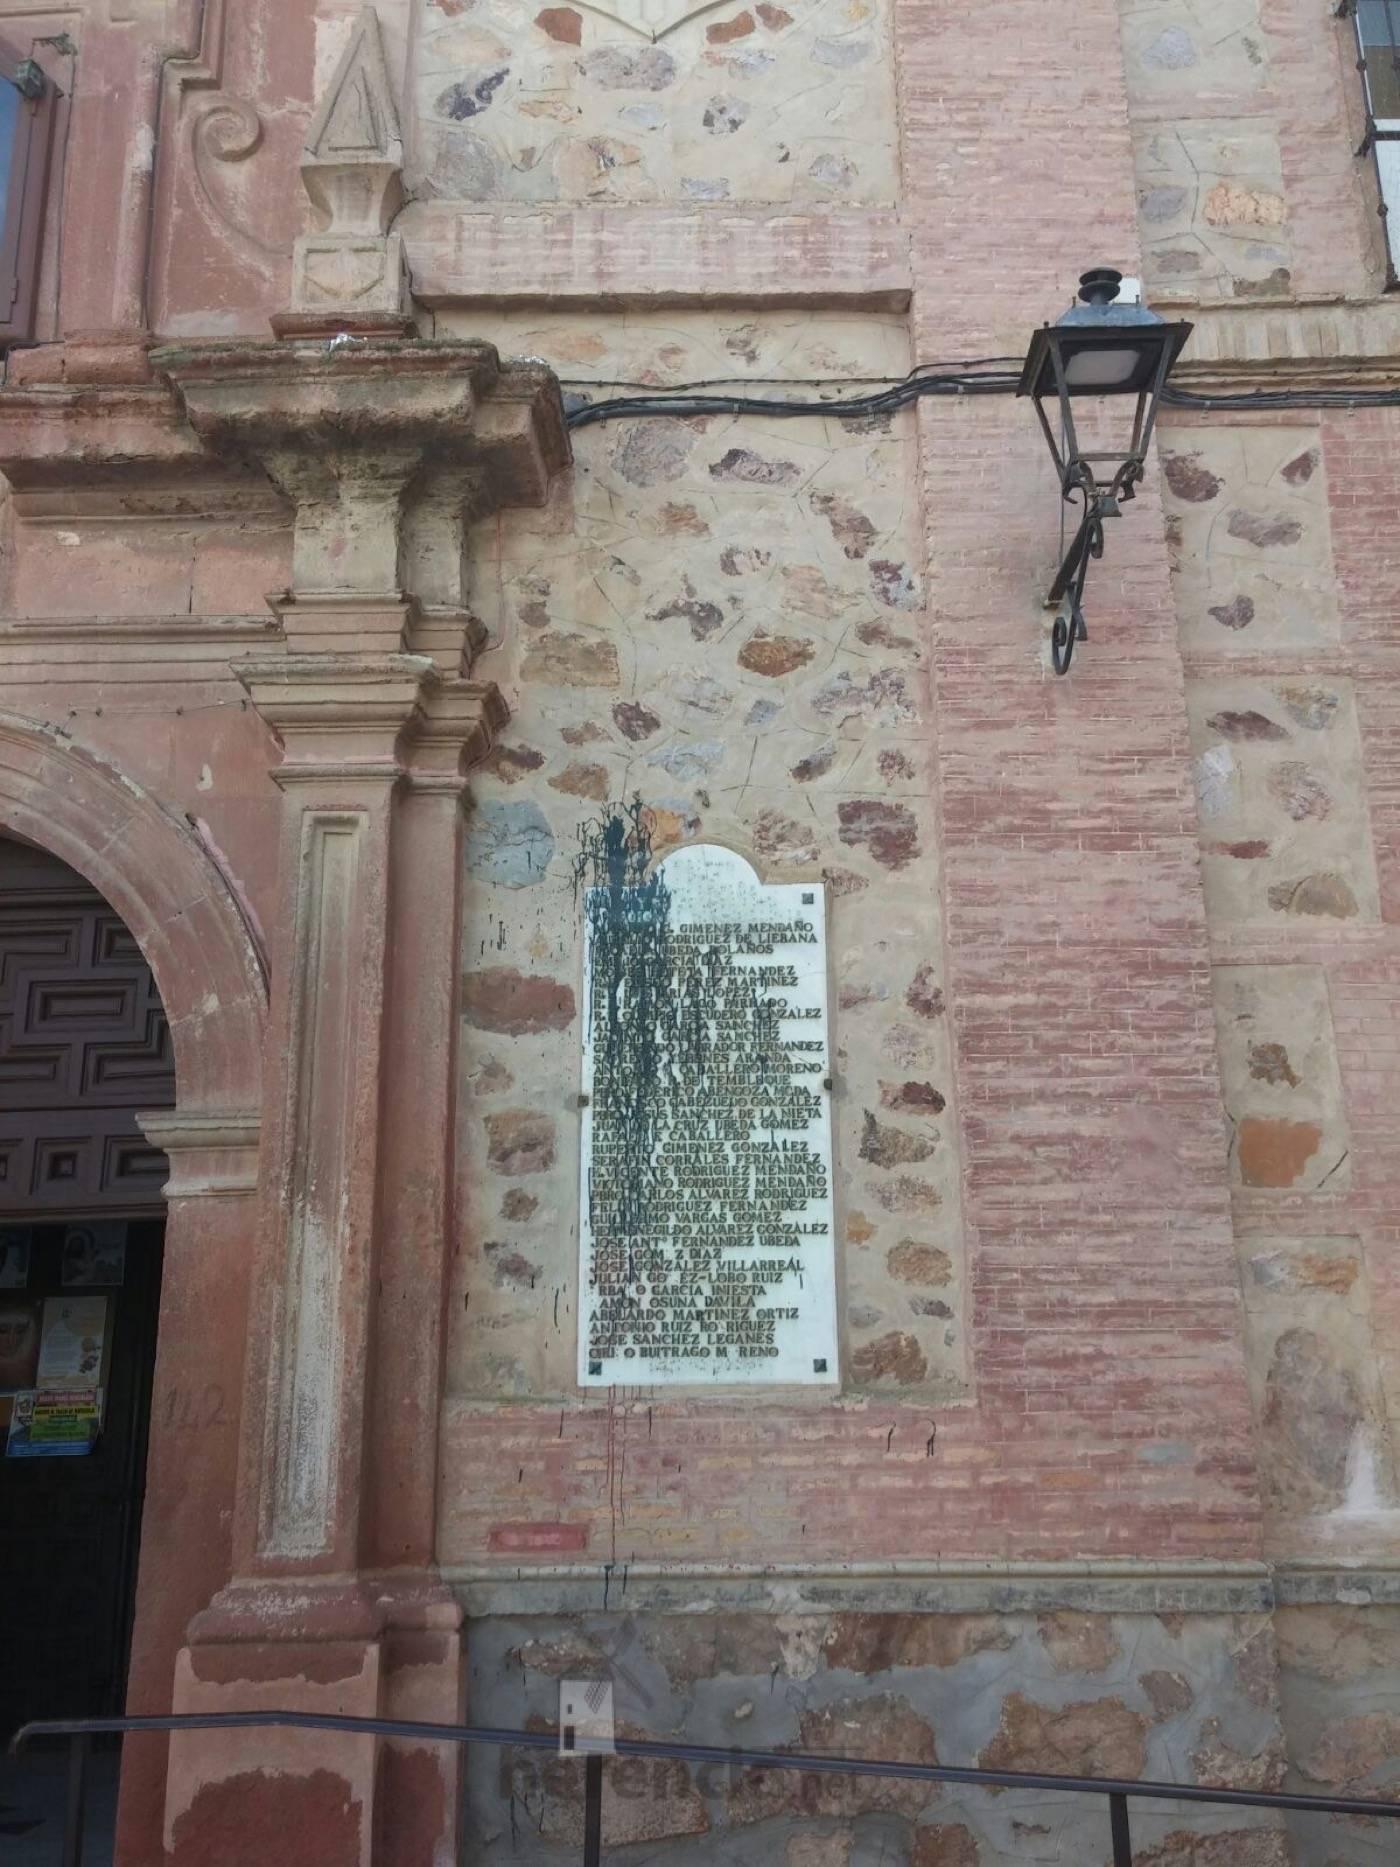 placas en memoria a los caidos en fachada del convento de herencia 3 - Eliminadas las leyendas franquistas de la placas de Herencia en honor a los caídos